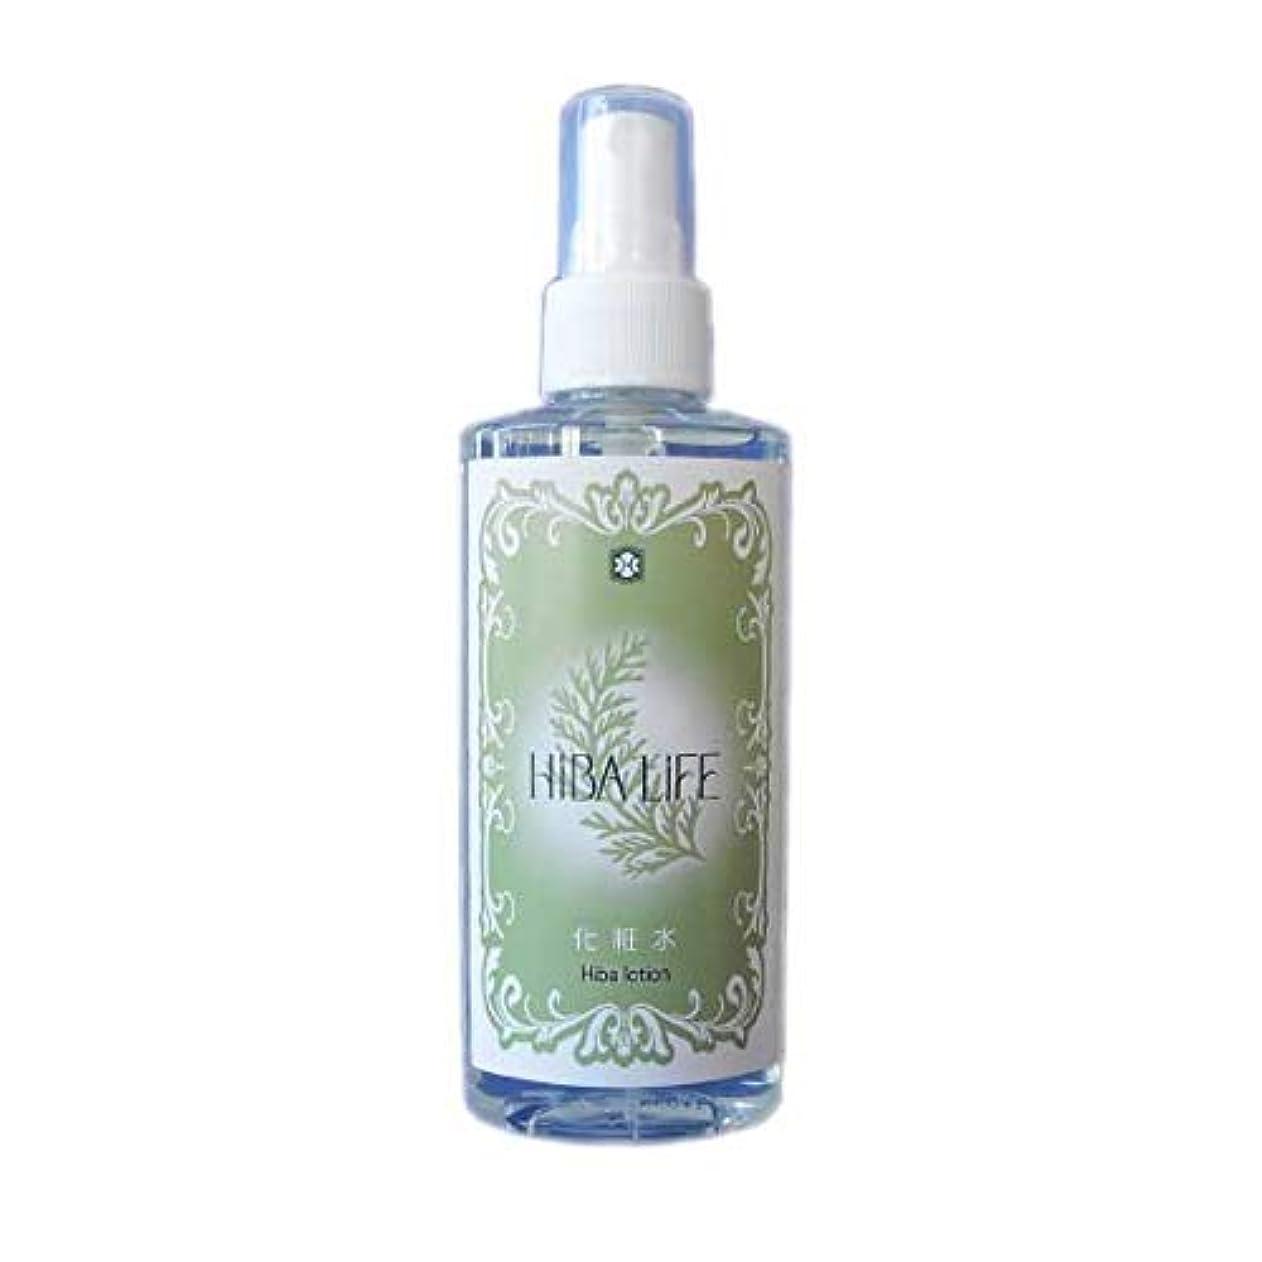 厄介なメガロポリス私ひばの森化粧水